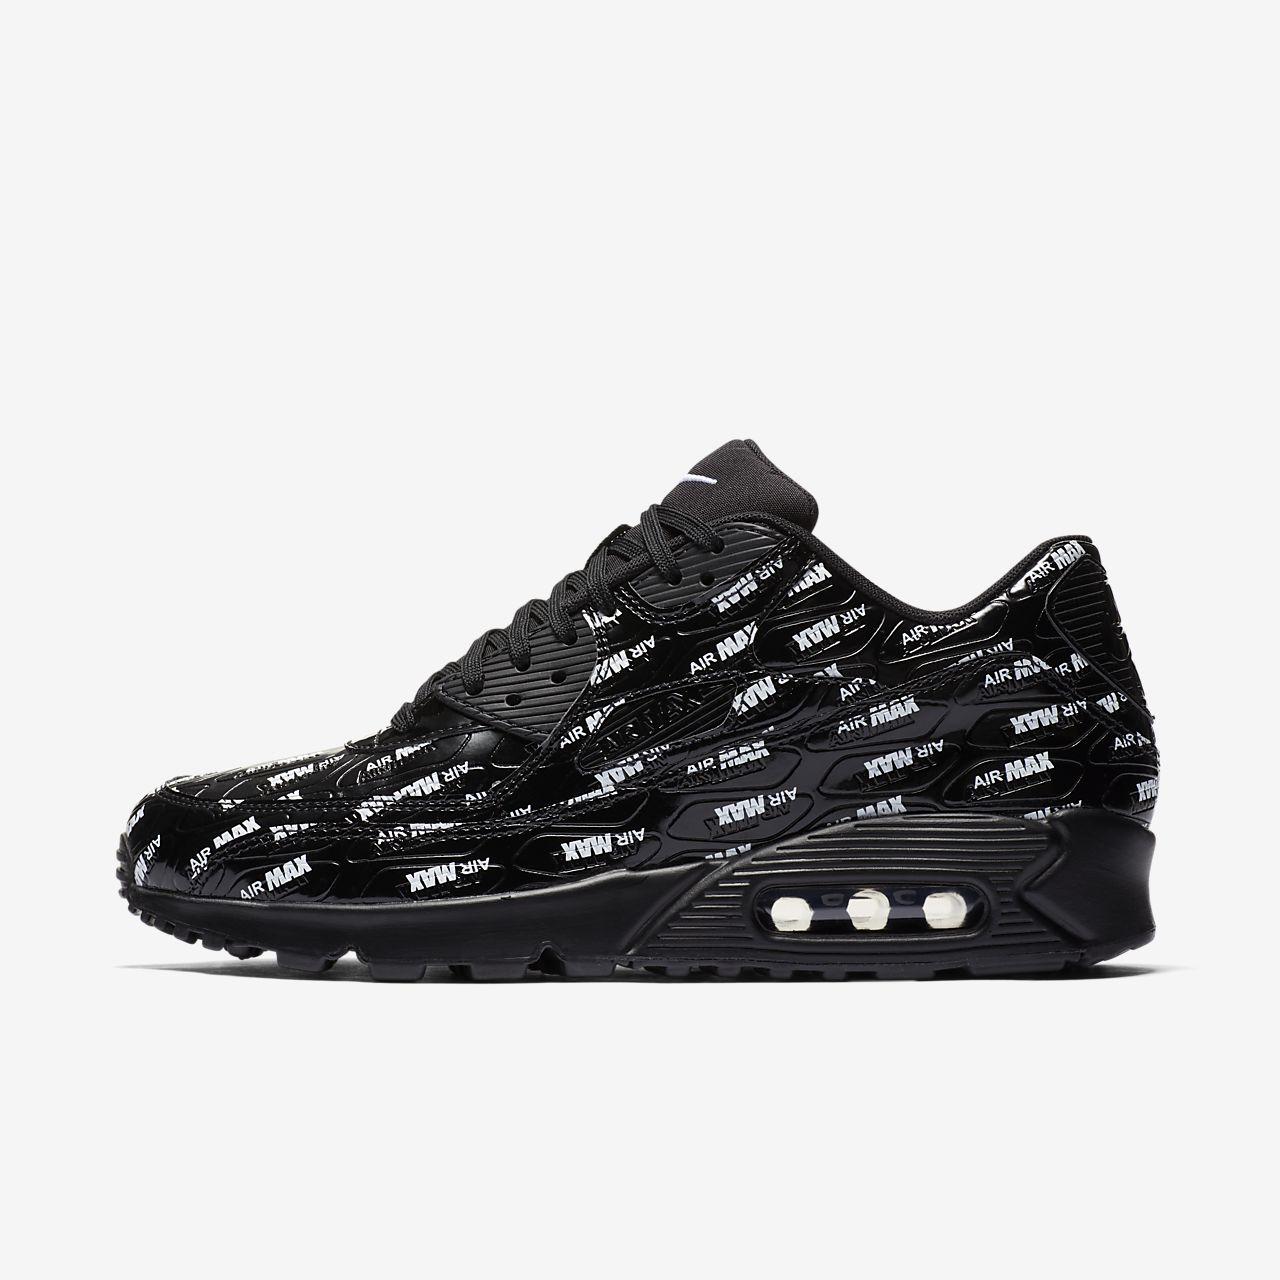 separation shoes 7d5e6 52989 ... Chaussure Nike Air Max 90 Premium pour Homme